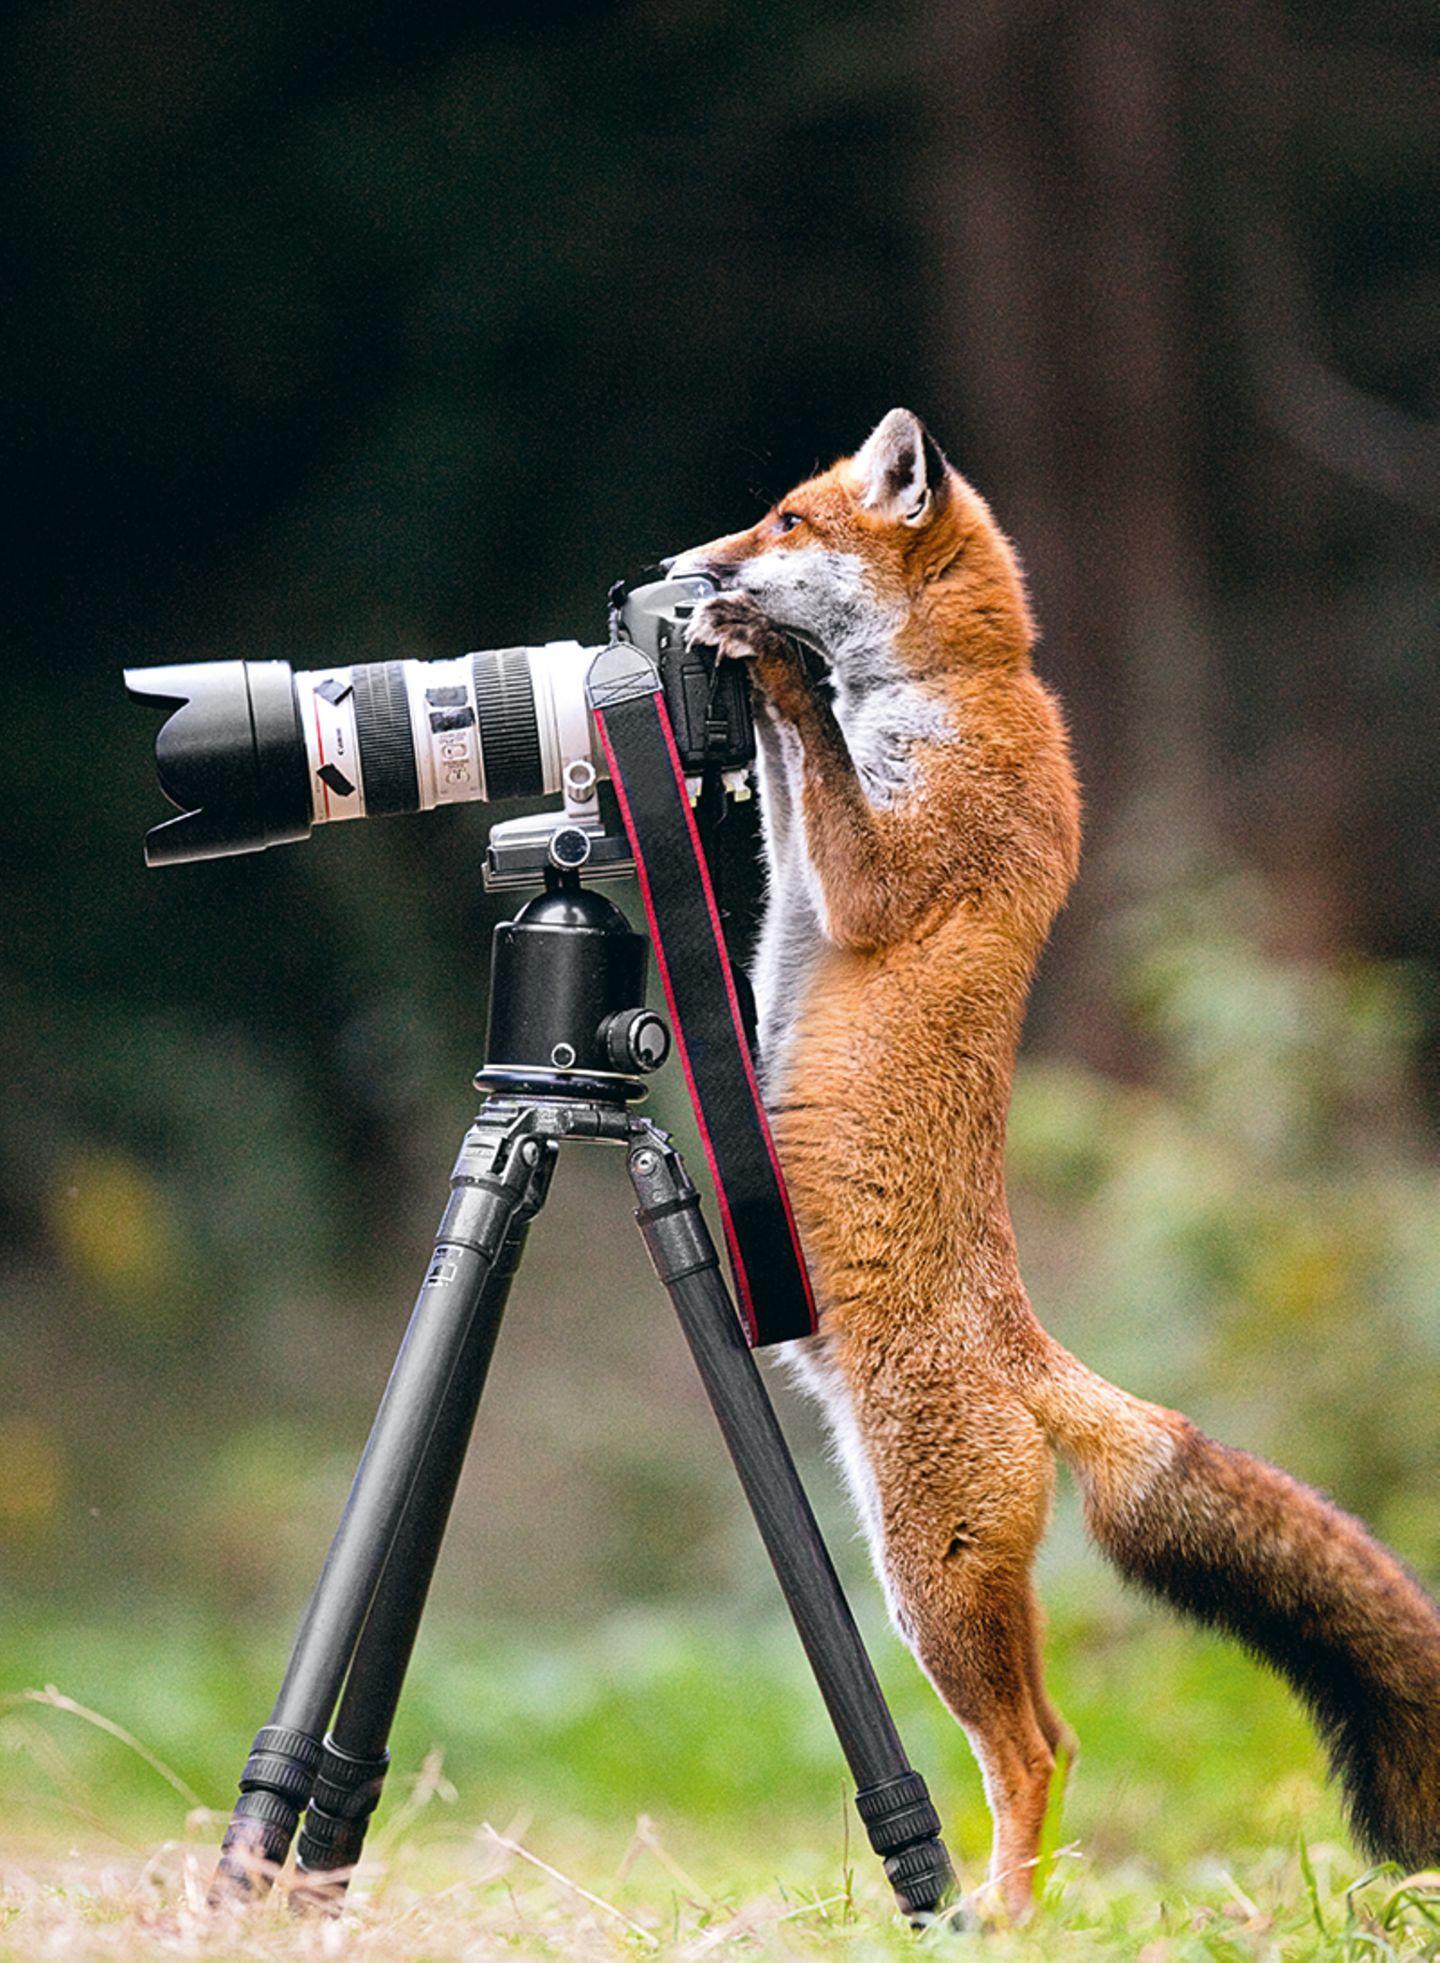 Fuchs an der Kamera